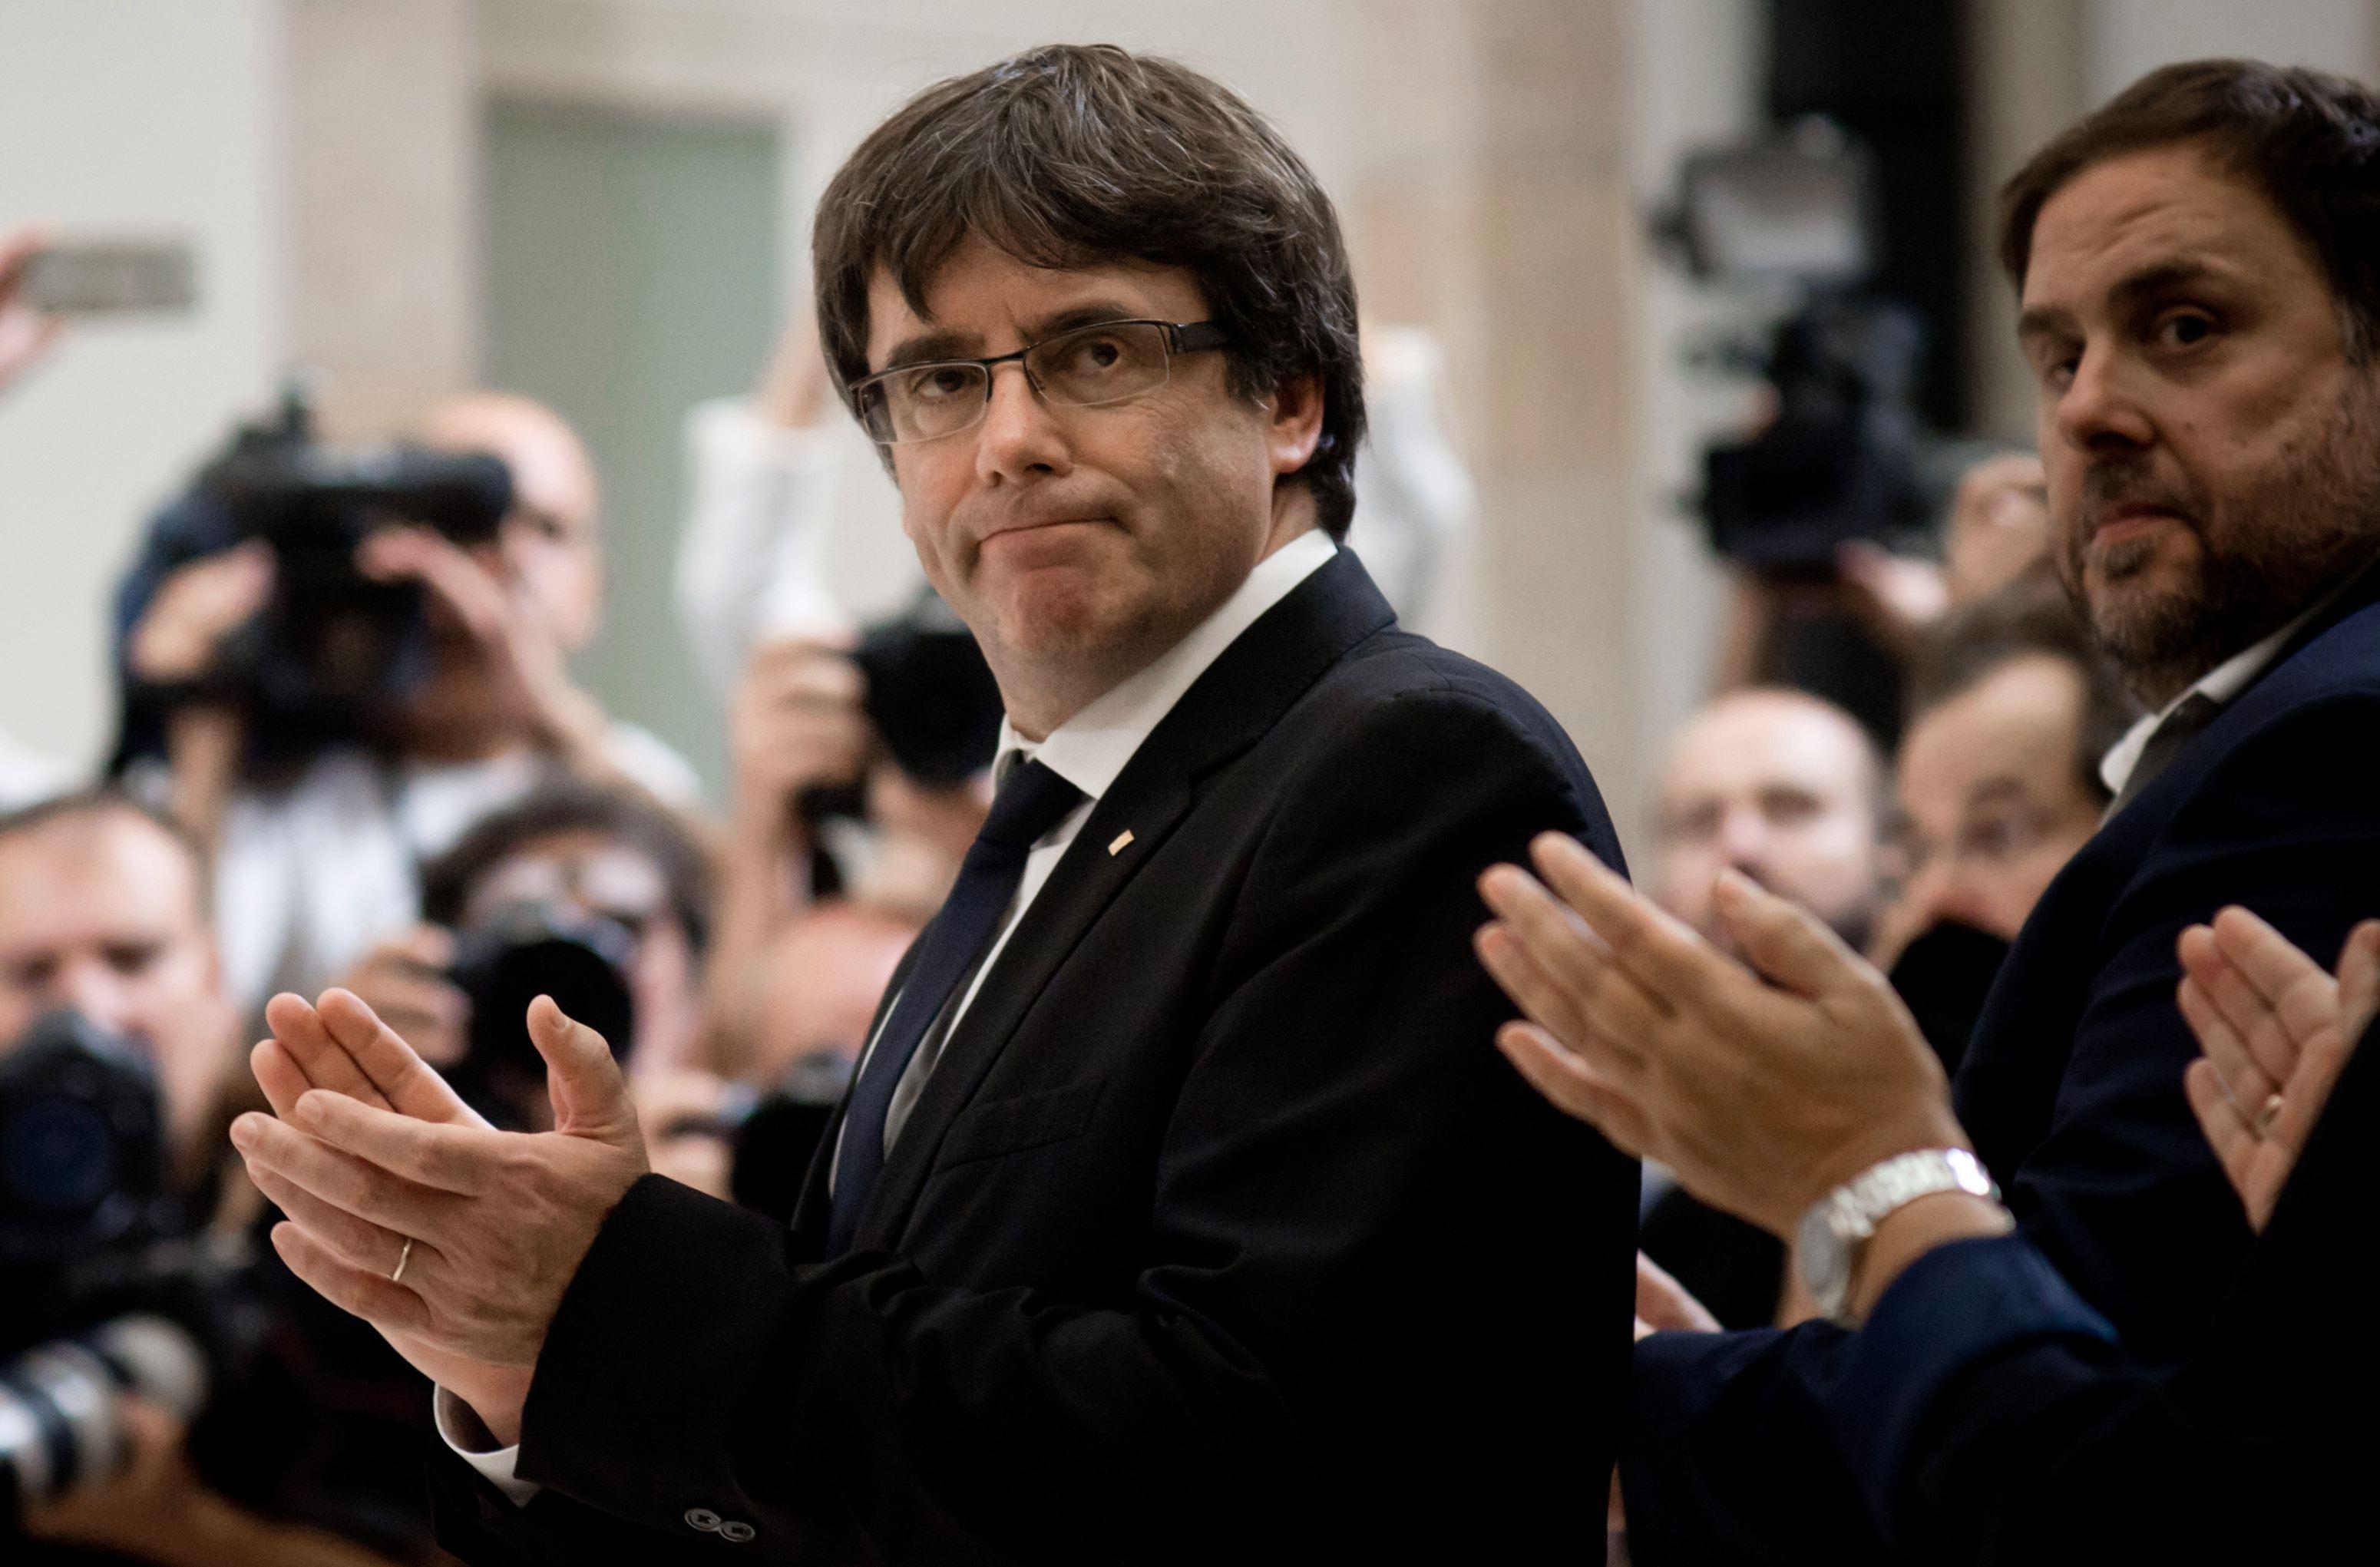 Puigdemont, convocat la Bruxelles pe 17 noiembrie, pentru o audiere